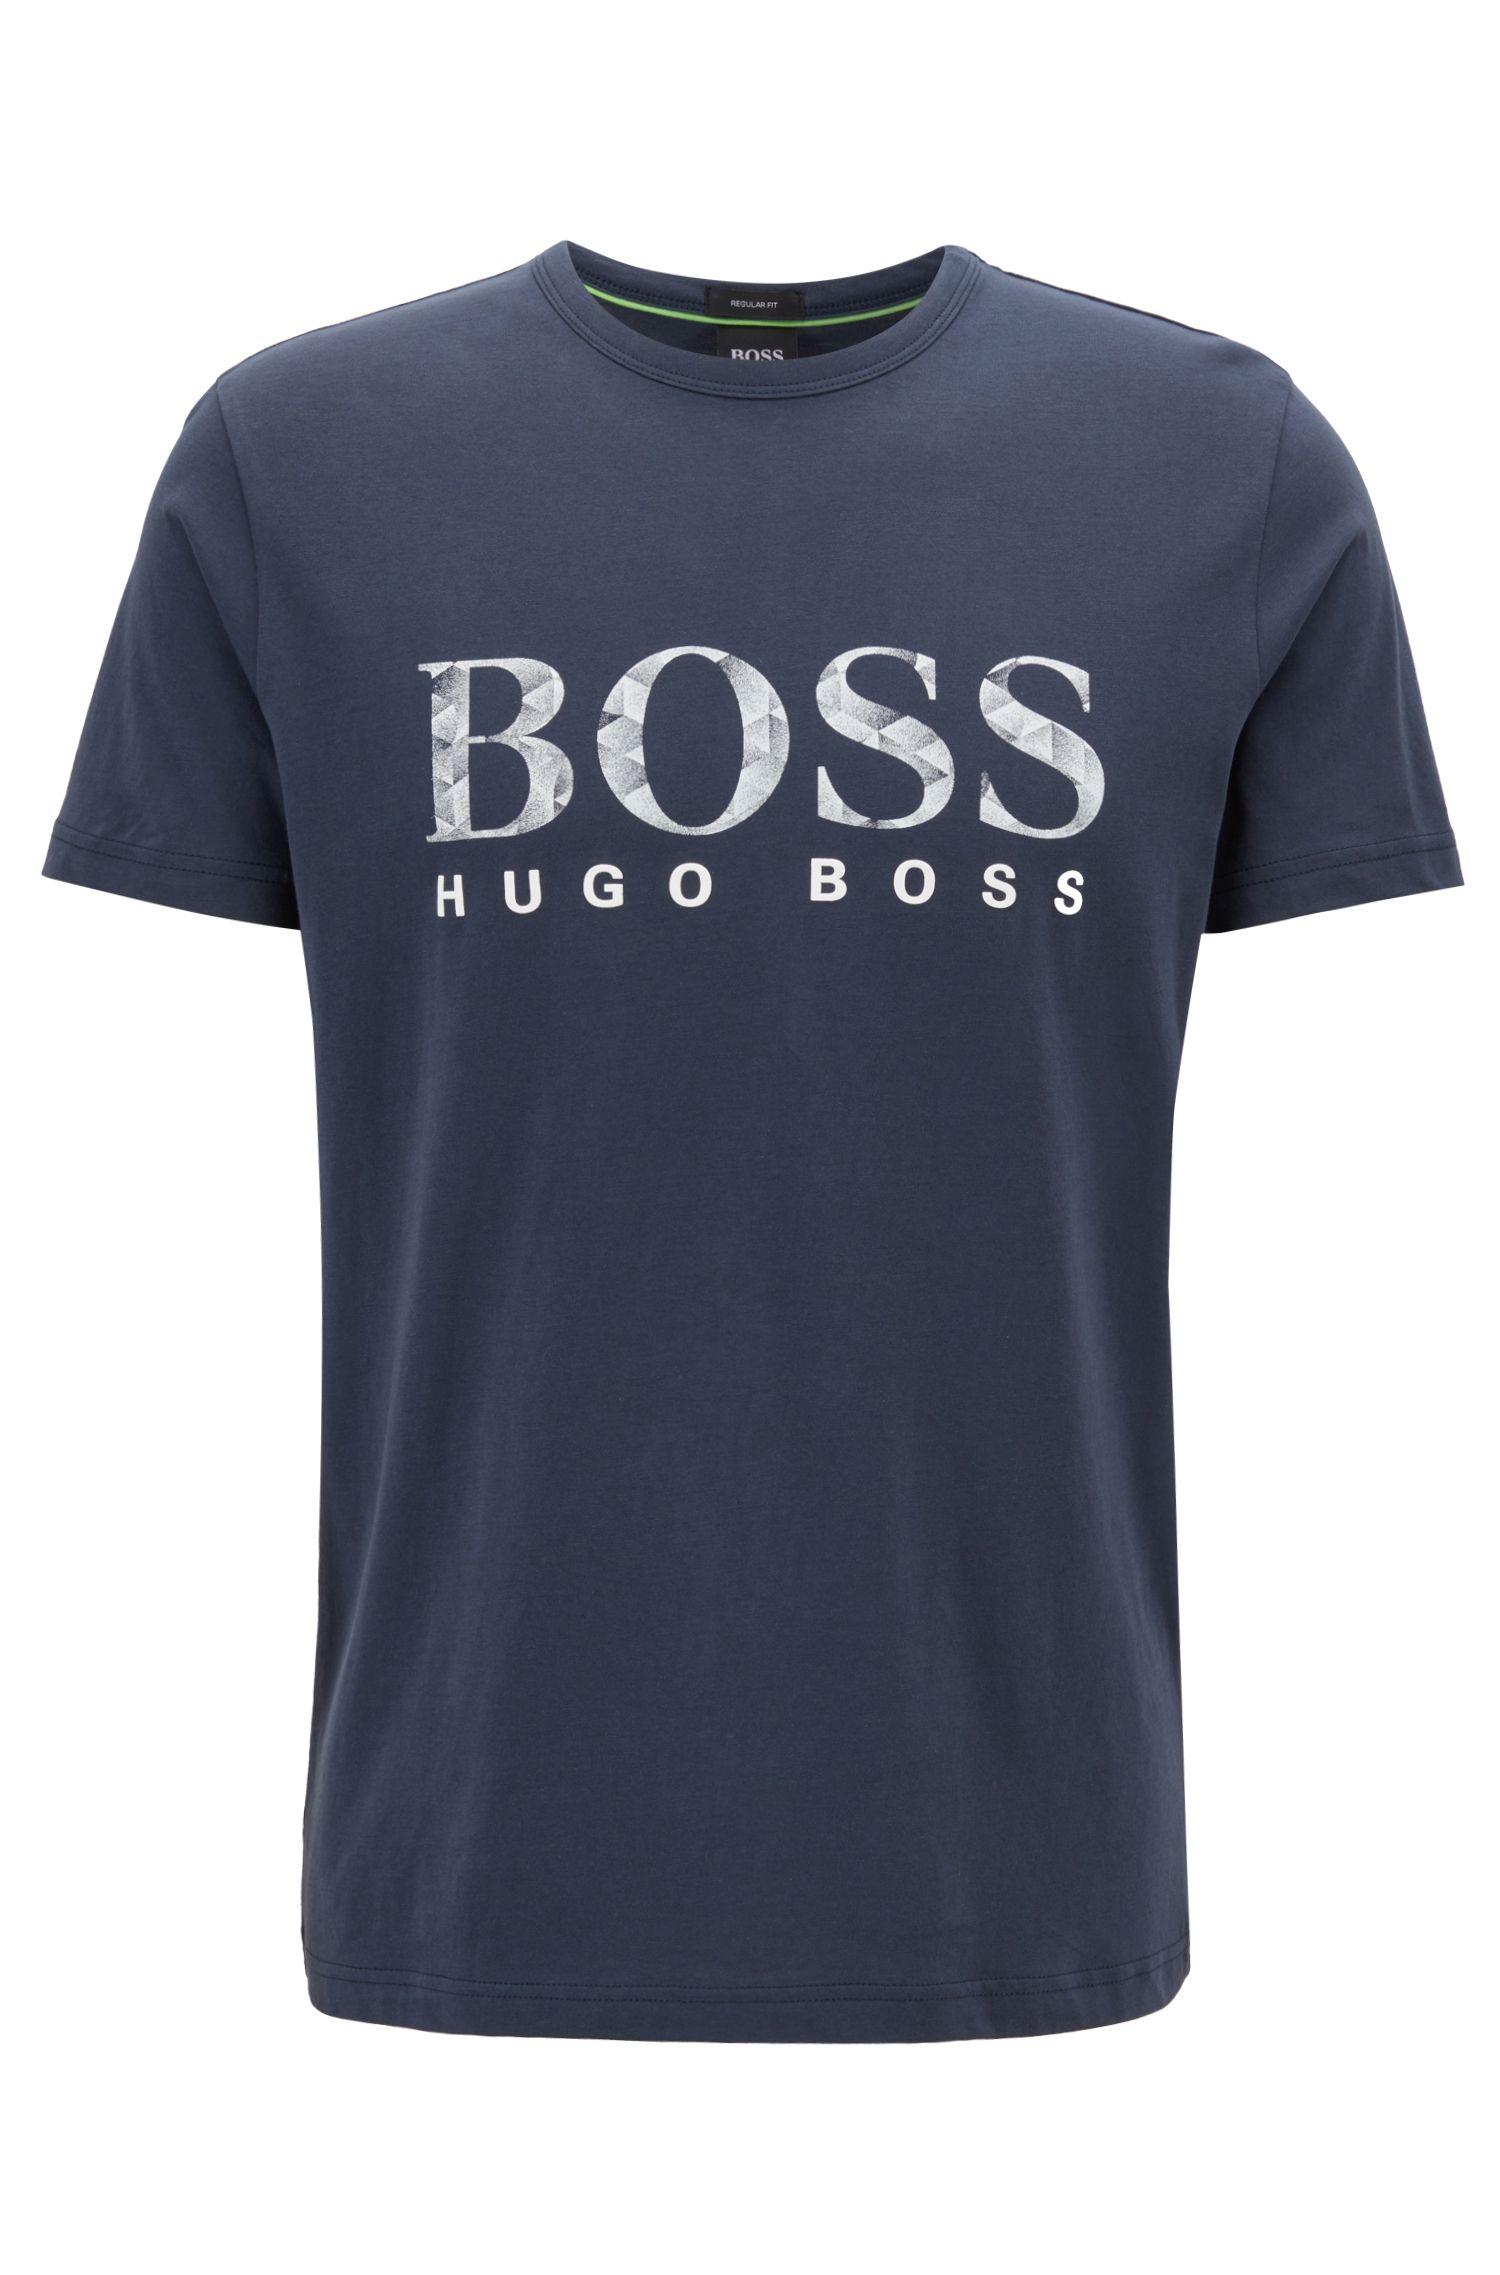 T-shirt a maniche corte in cotone con logo stampato, Blu scuro